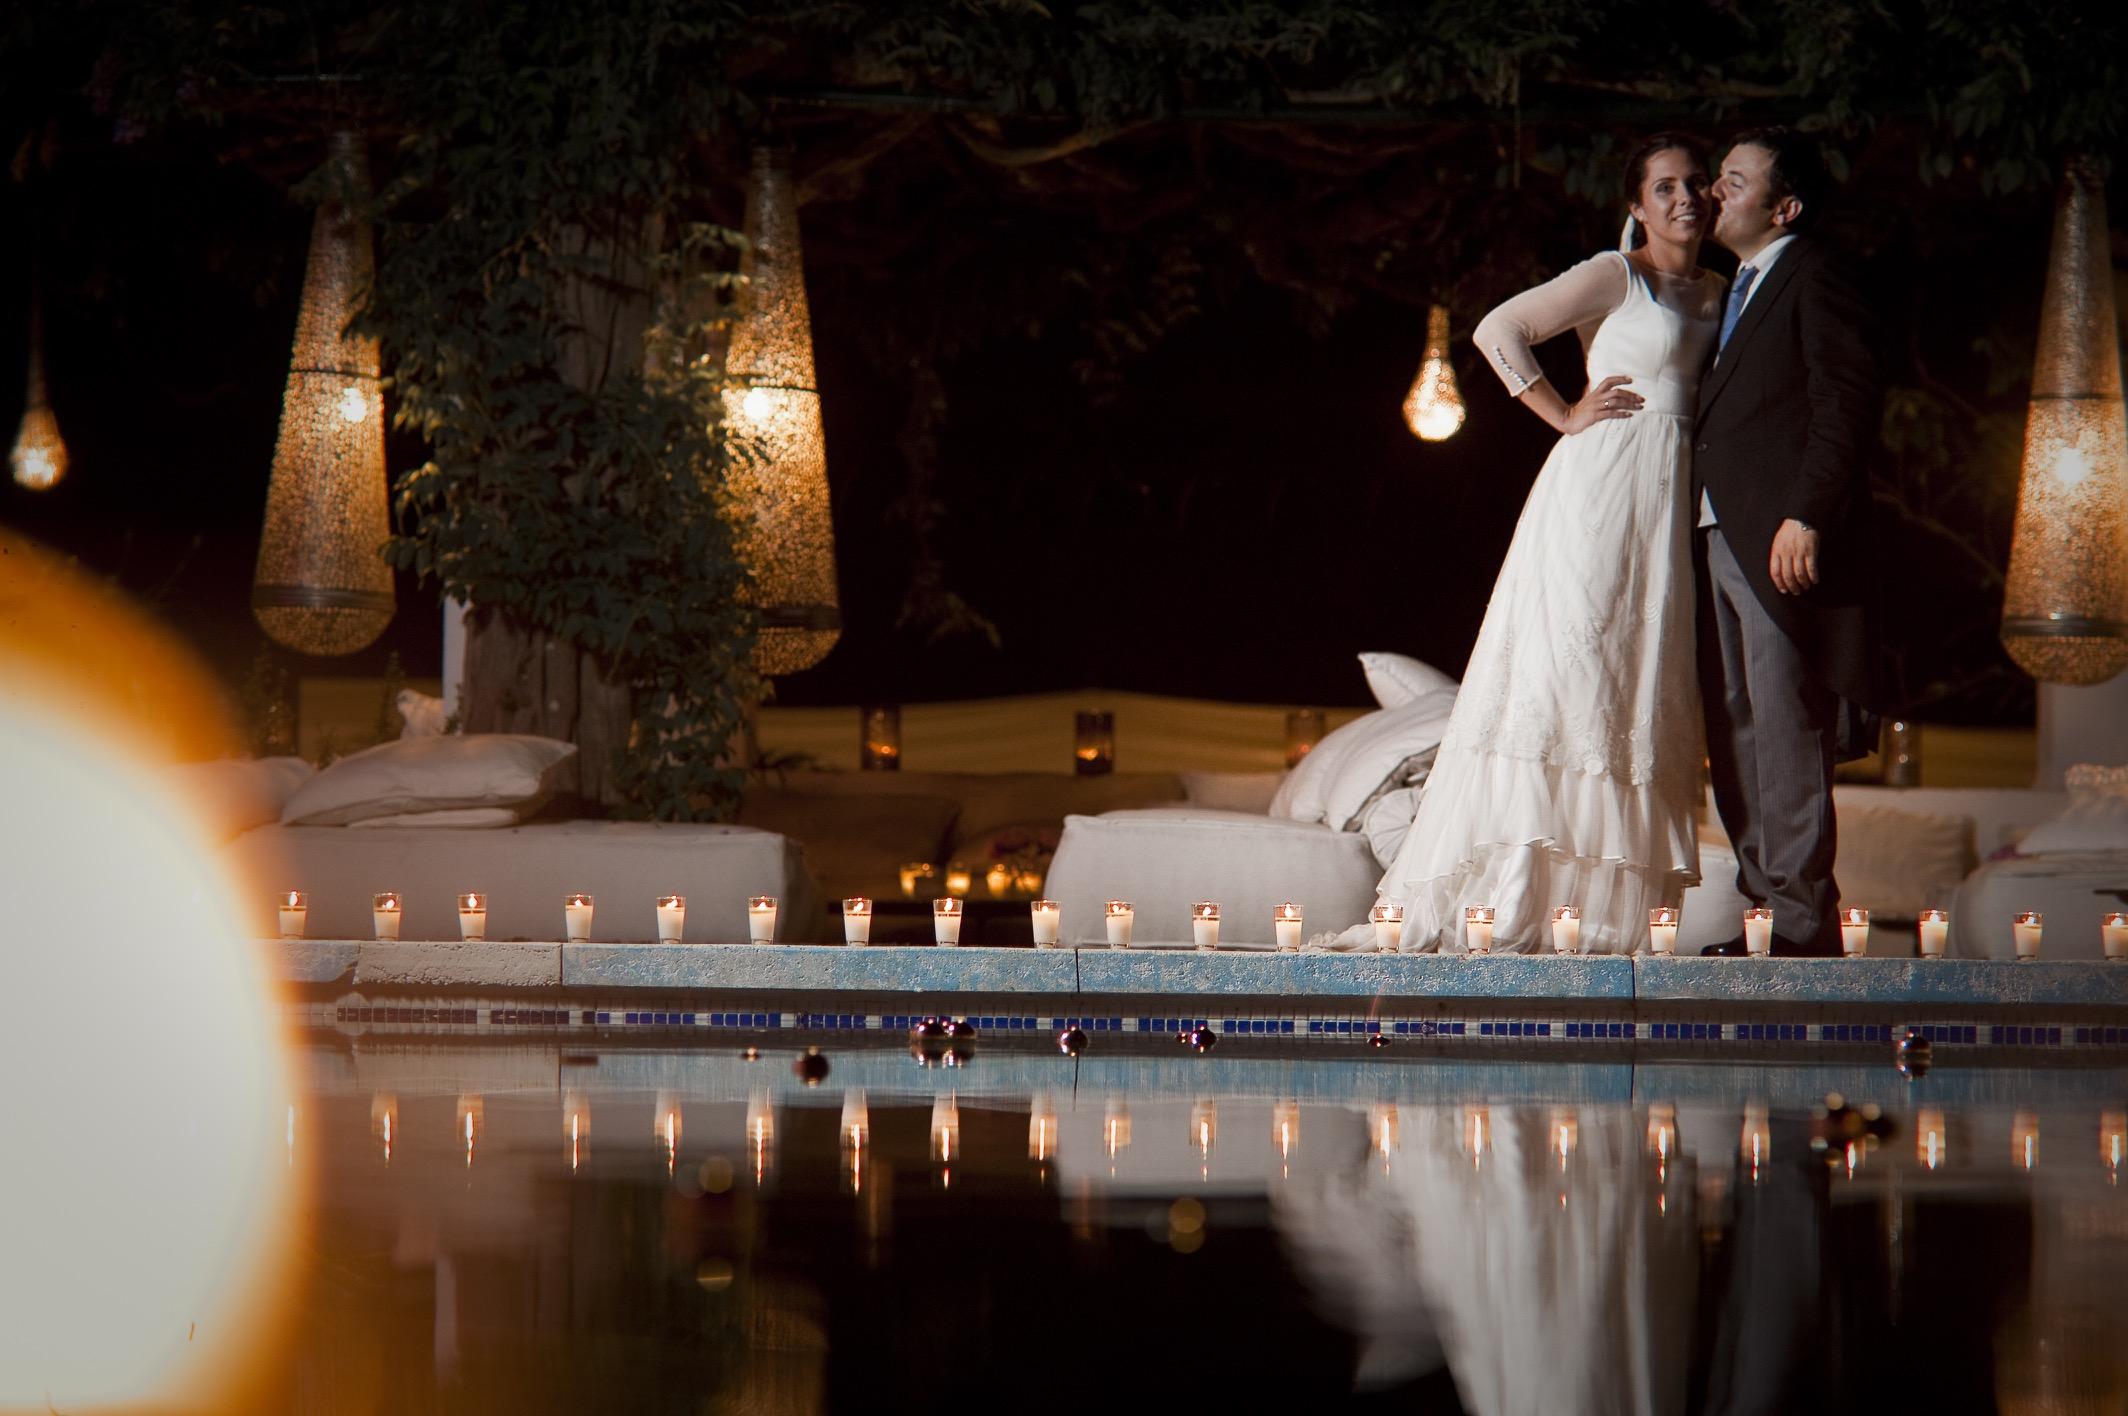 Si-Quiero-Wedding-Planner-By-Sira-Antequera-Bodas-Málaga-Marbella-Miami- Alba-ManuelK-6